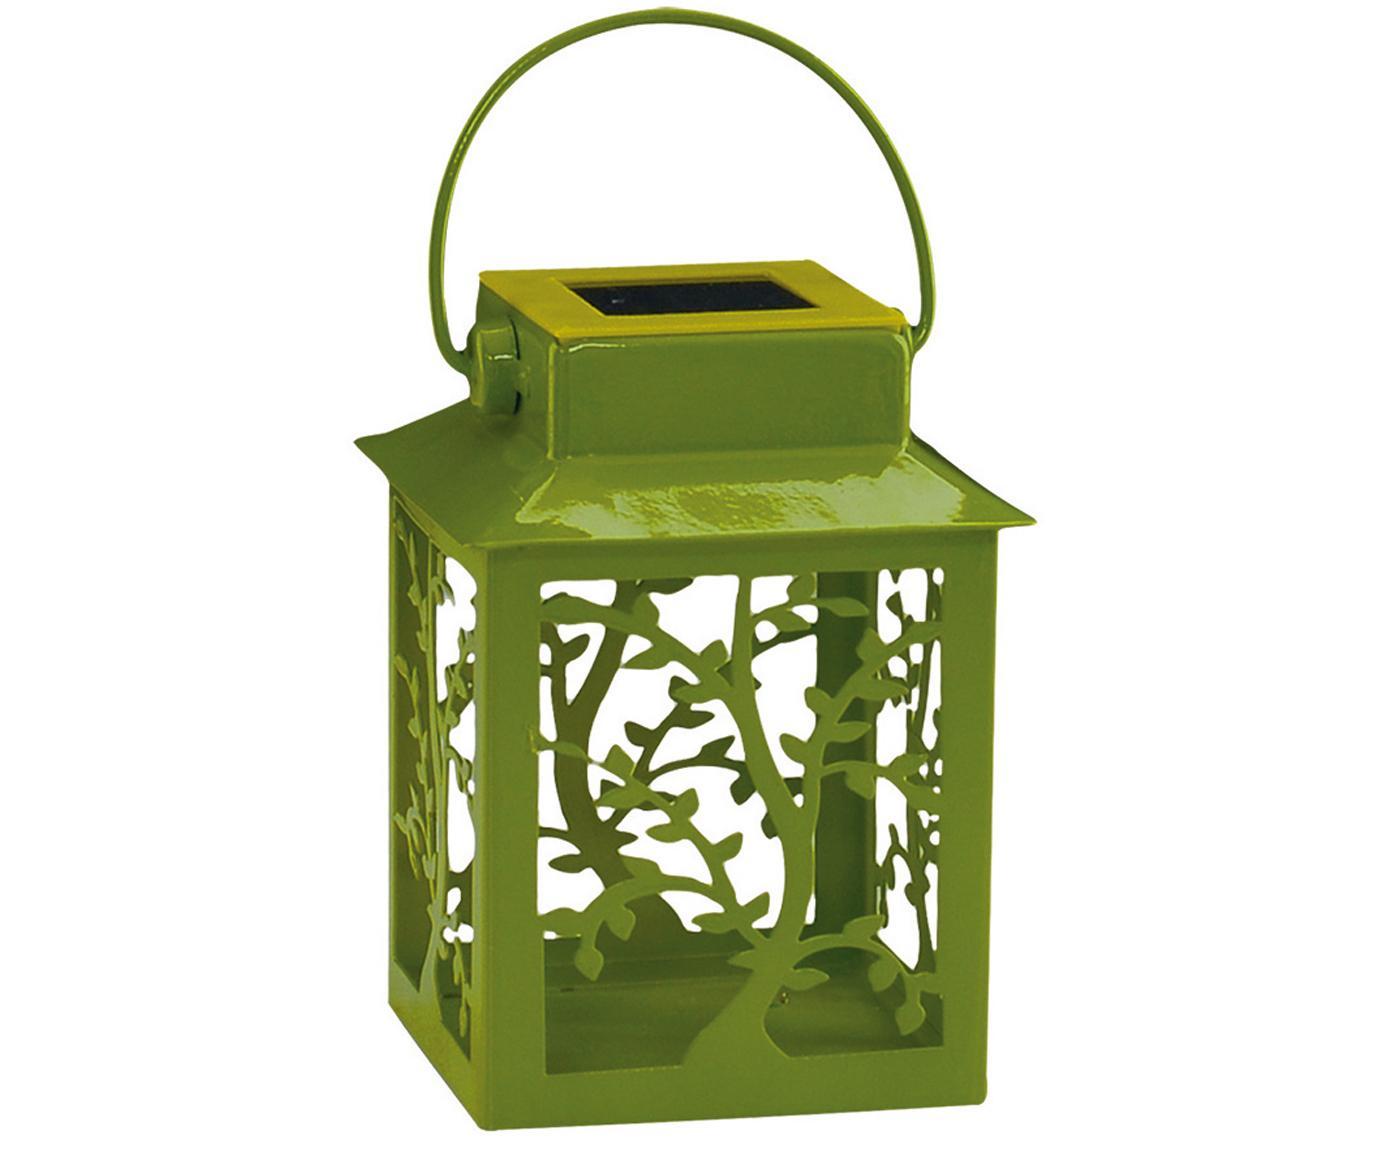 LED Solarleuchten Garden-Lantern, 4 Stück, Metall, Kunststoff, Grün, 8 x 13 cm